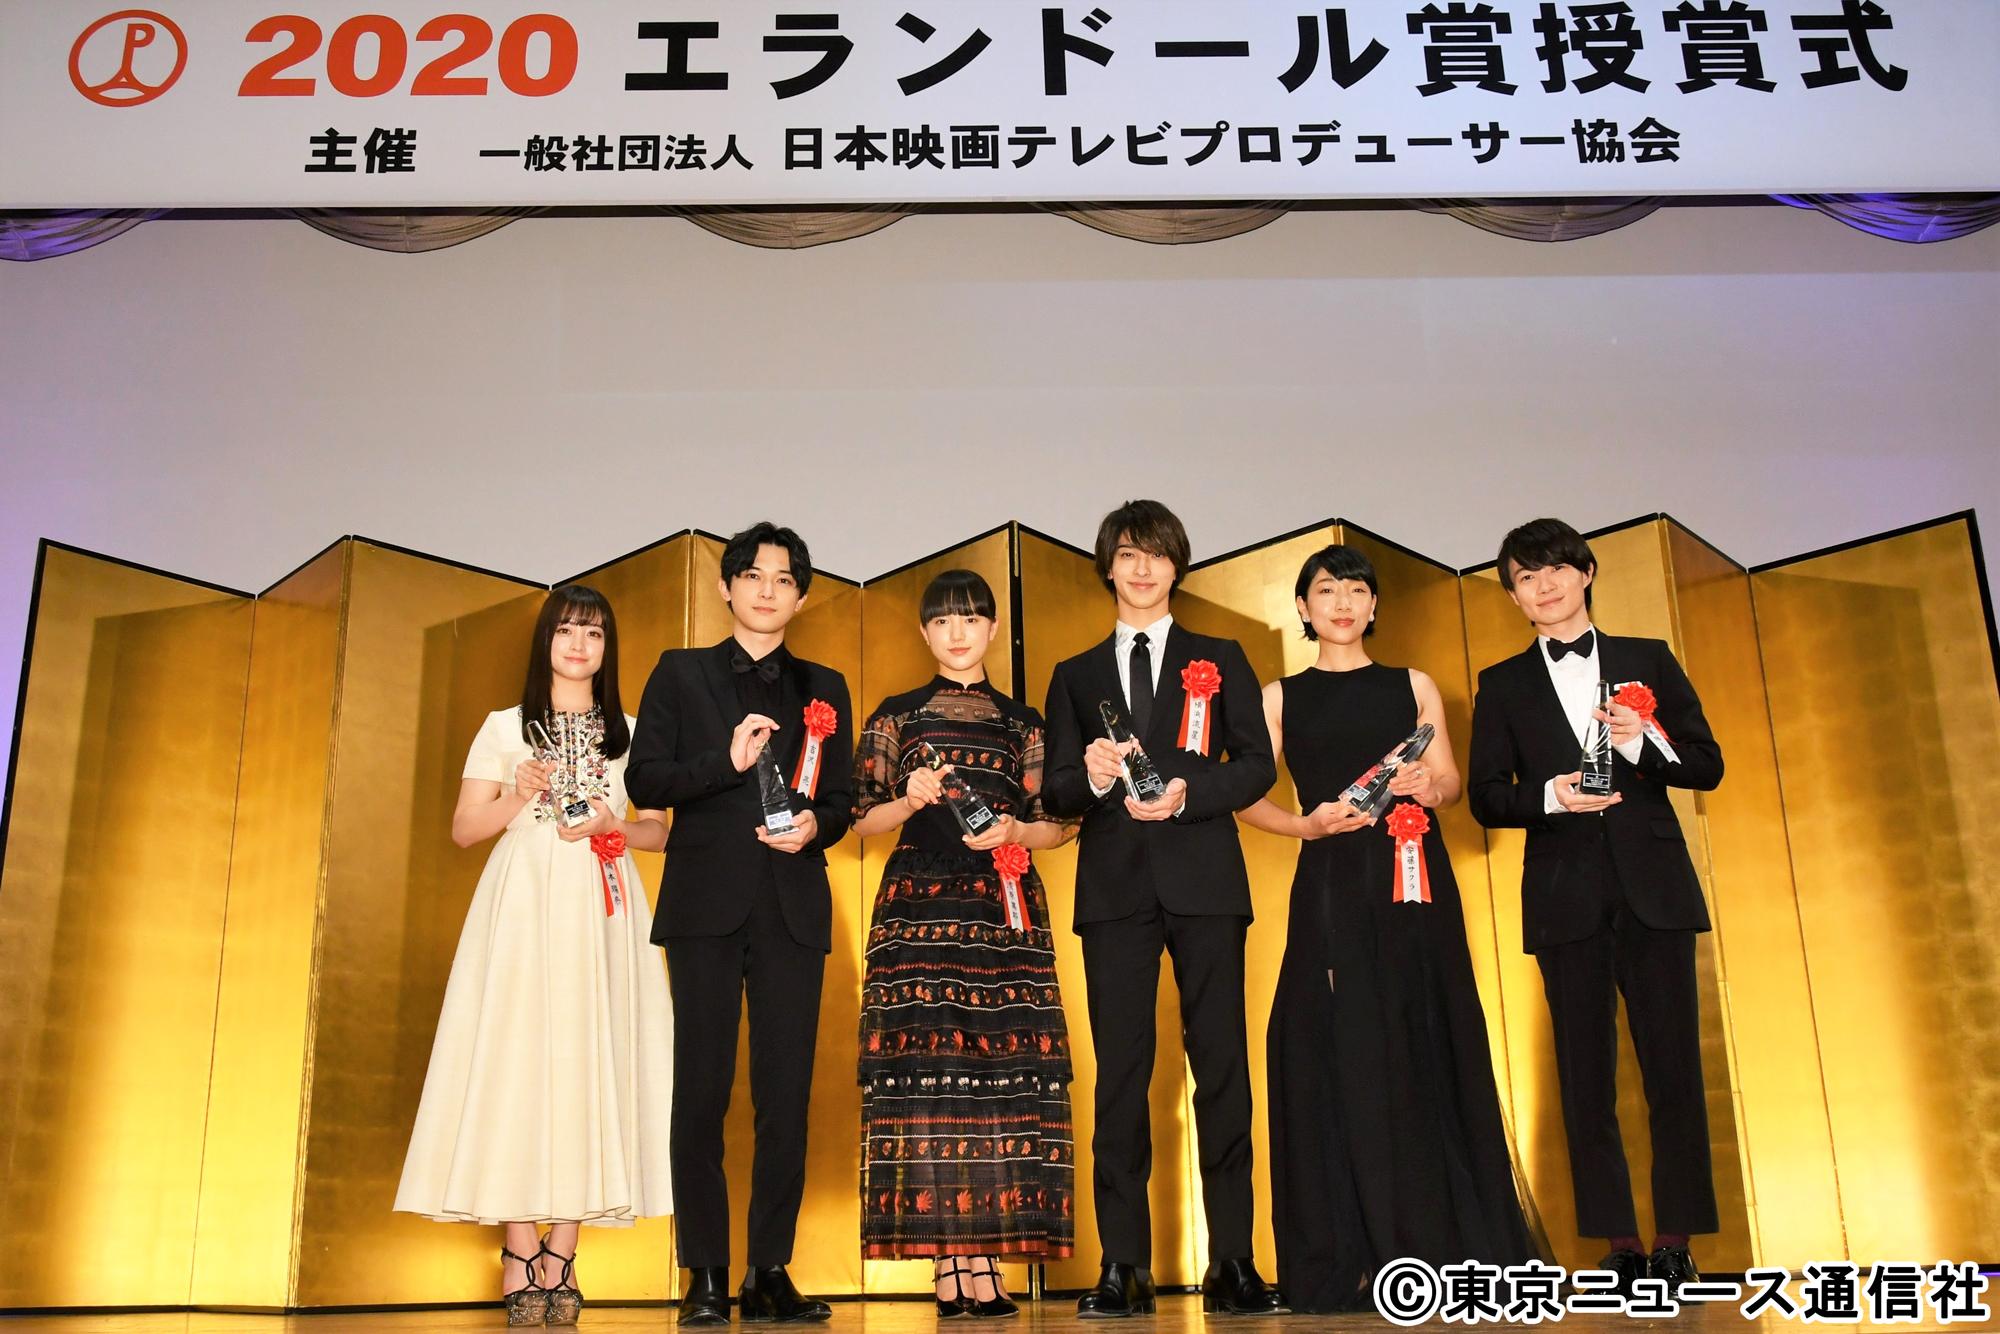 2020年エランドール賞 新人賞・TVガイド賞受賞者(C)東京ニュース通信社